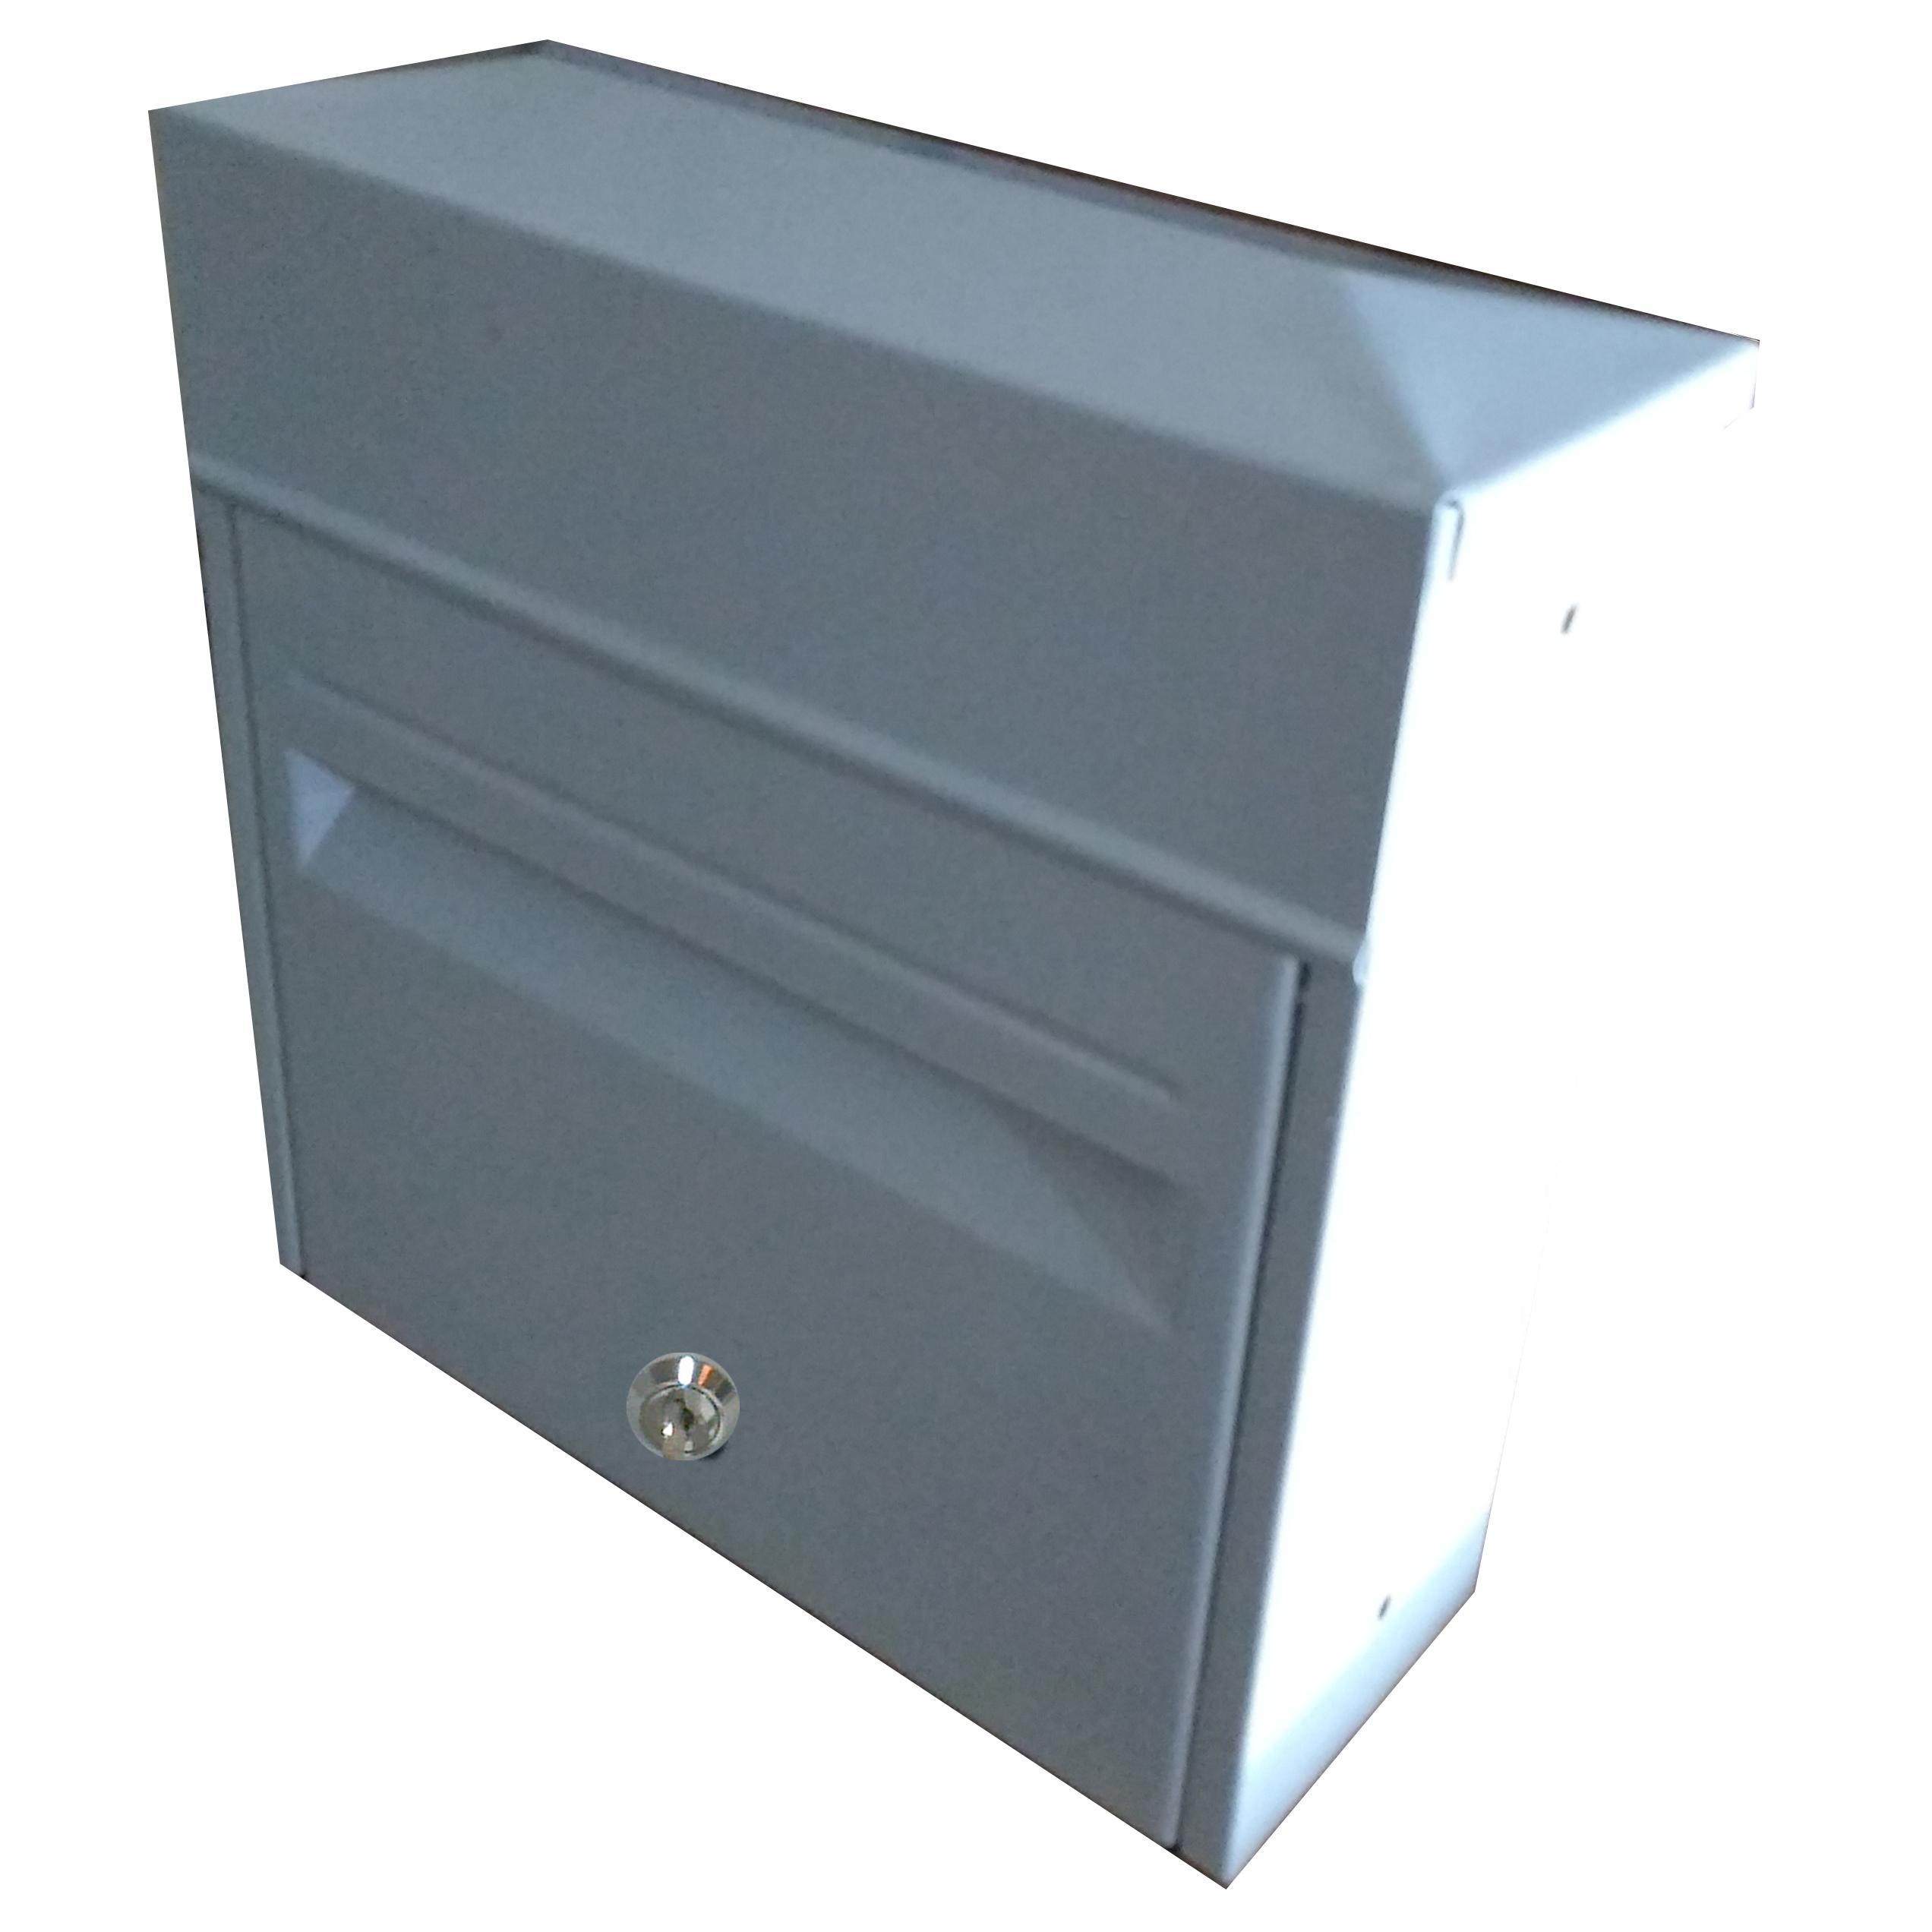 http://www.nilart.com.br/galeria/caixa-de-correio-entrada-e-saida-frontal-com-chave-850.136-1.jpg